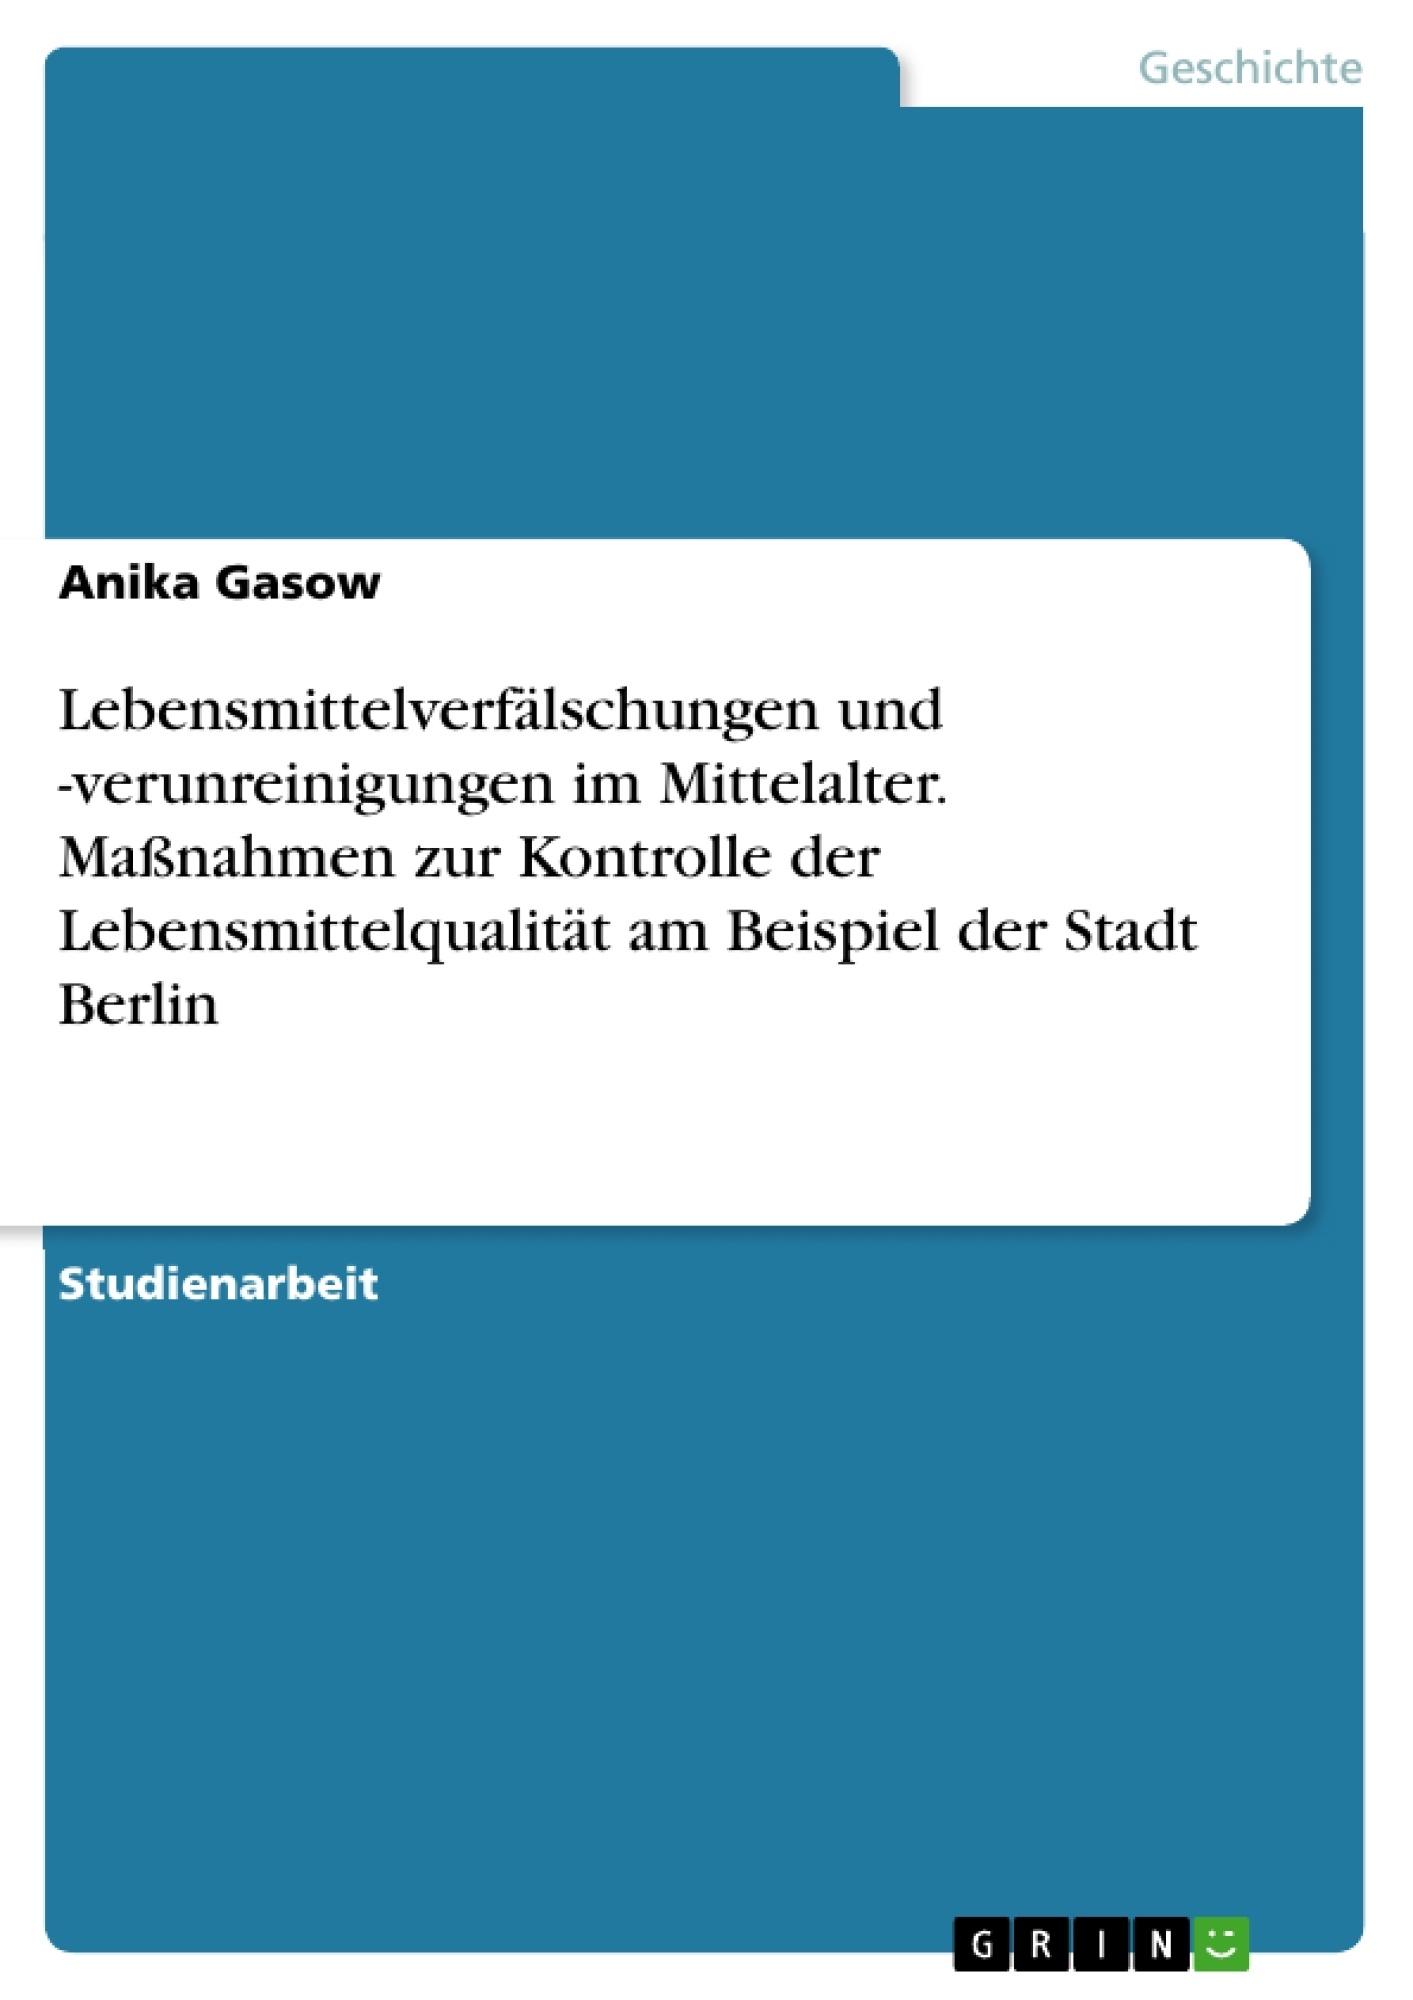 Titel: Lebensmittelverfälschungen und -verunreinigungen im Mittelalter. Maßnahmen zur Kontrolle der Lebensmittelqualität am Beispiel der Stadt Berlin